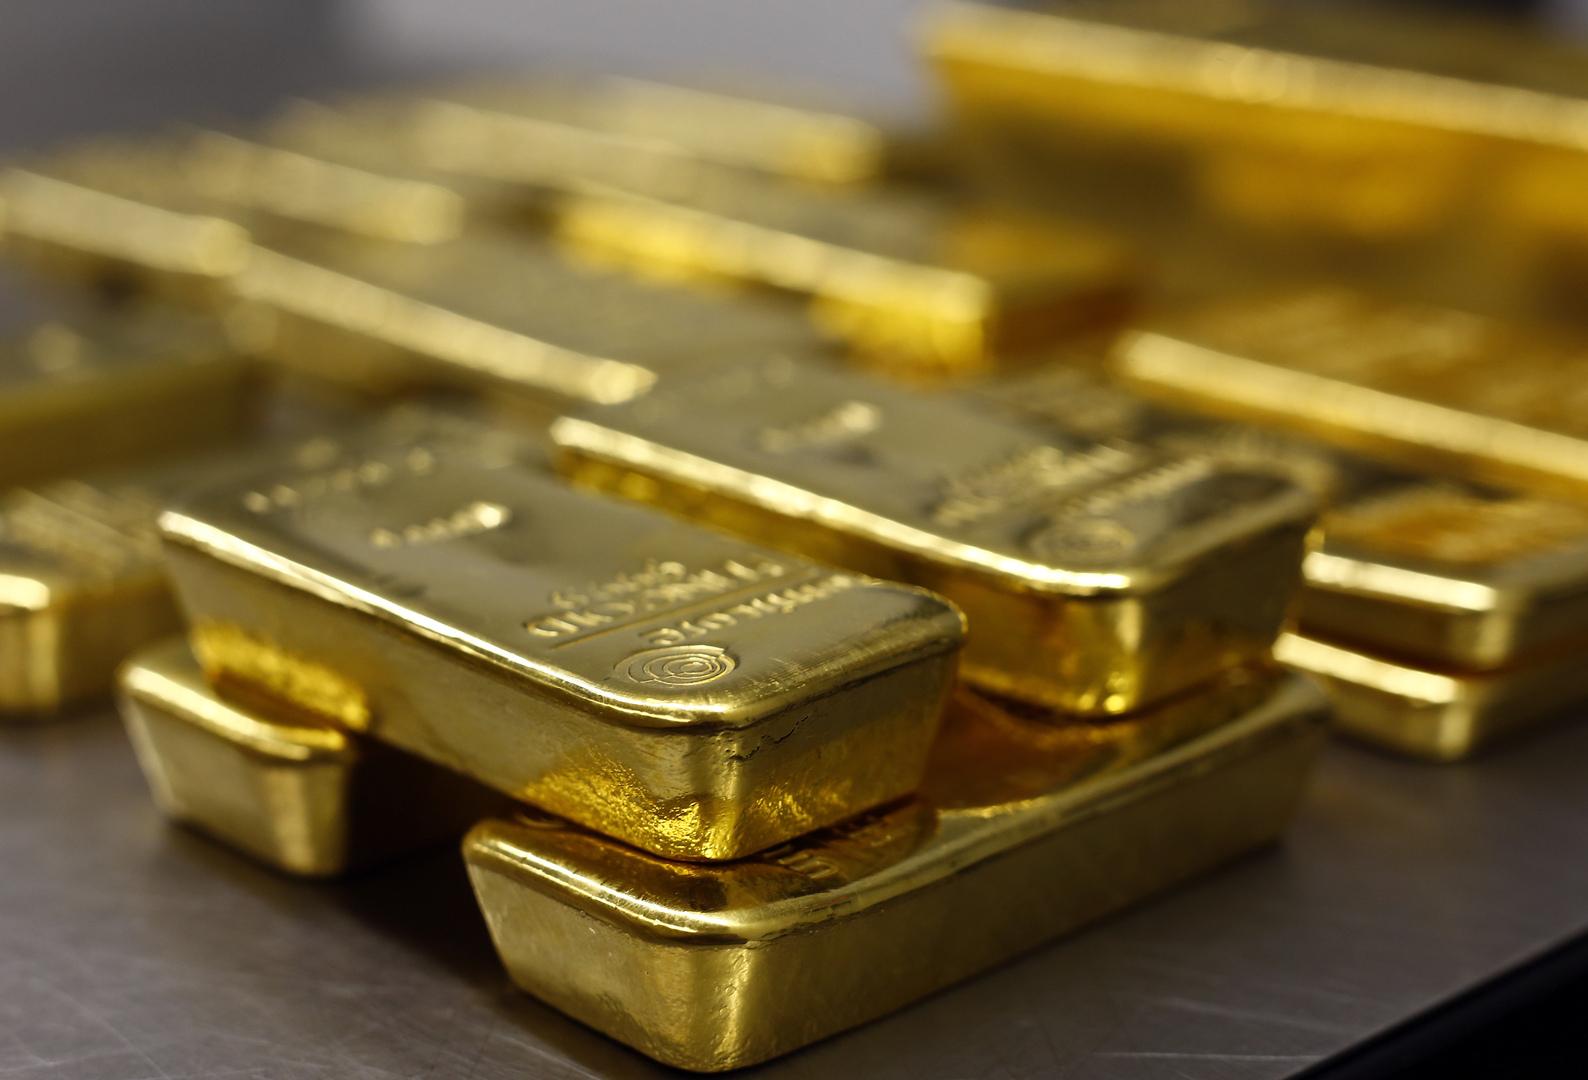 الذهب يرتفع قرب أعلى مستوى في شهرين ونصف